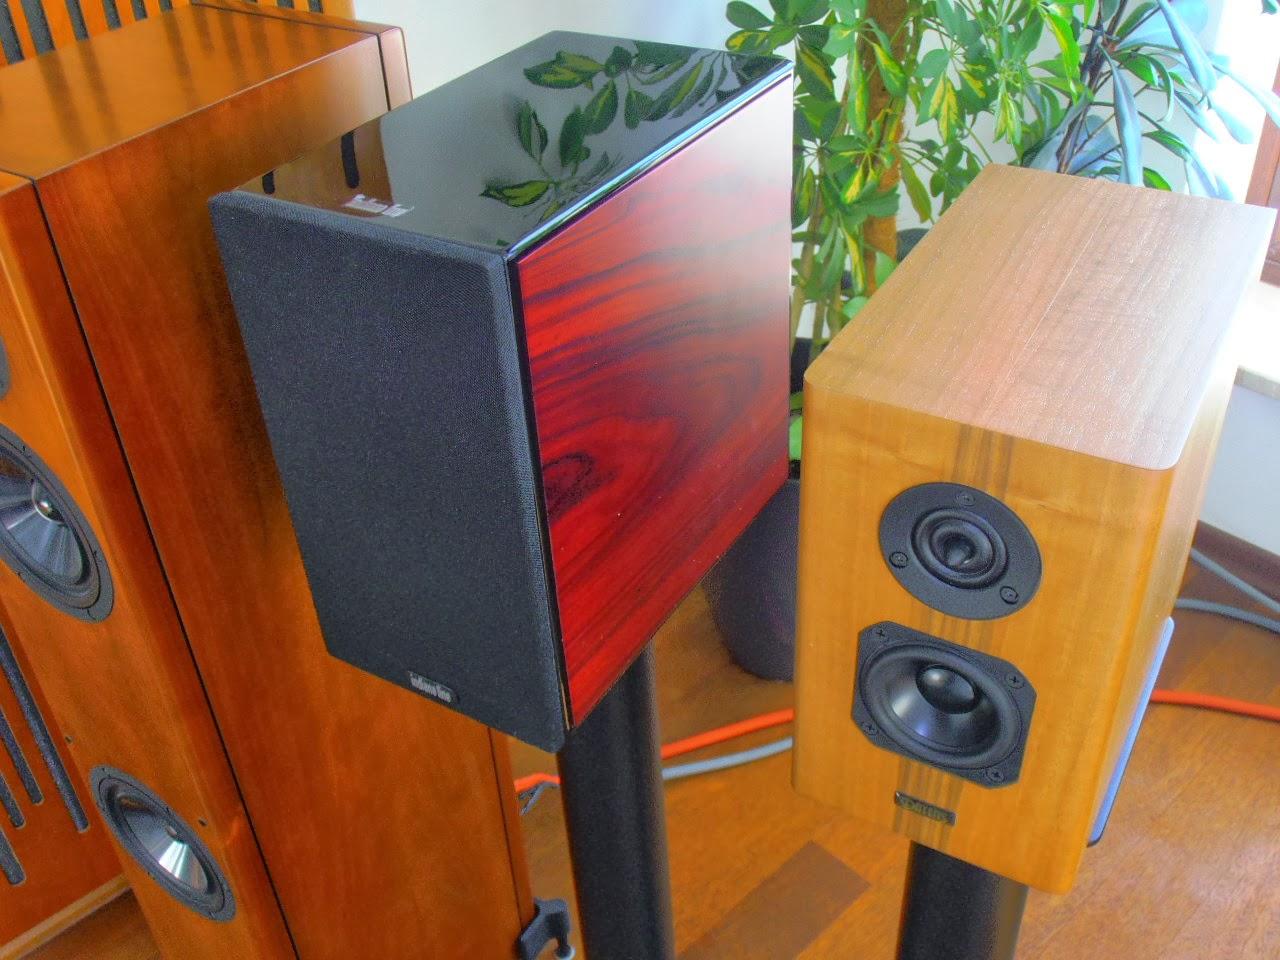 Stereo i kolorowo underground zestaw myryad z210 - Indiana line diva 255 prezzo ...